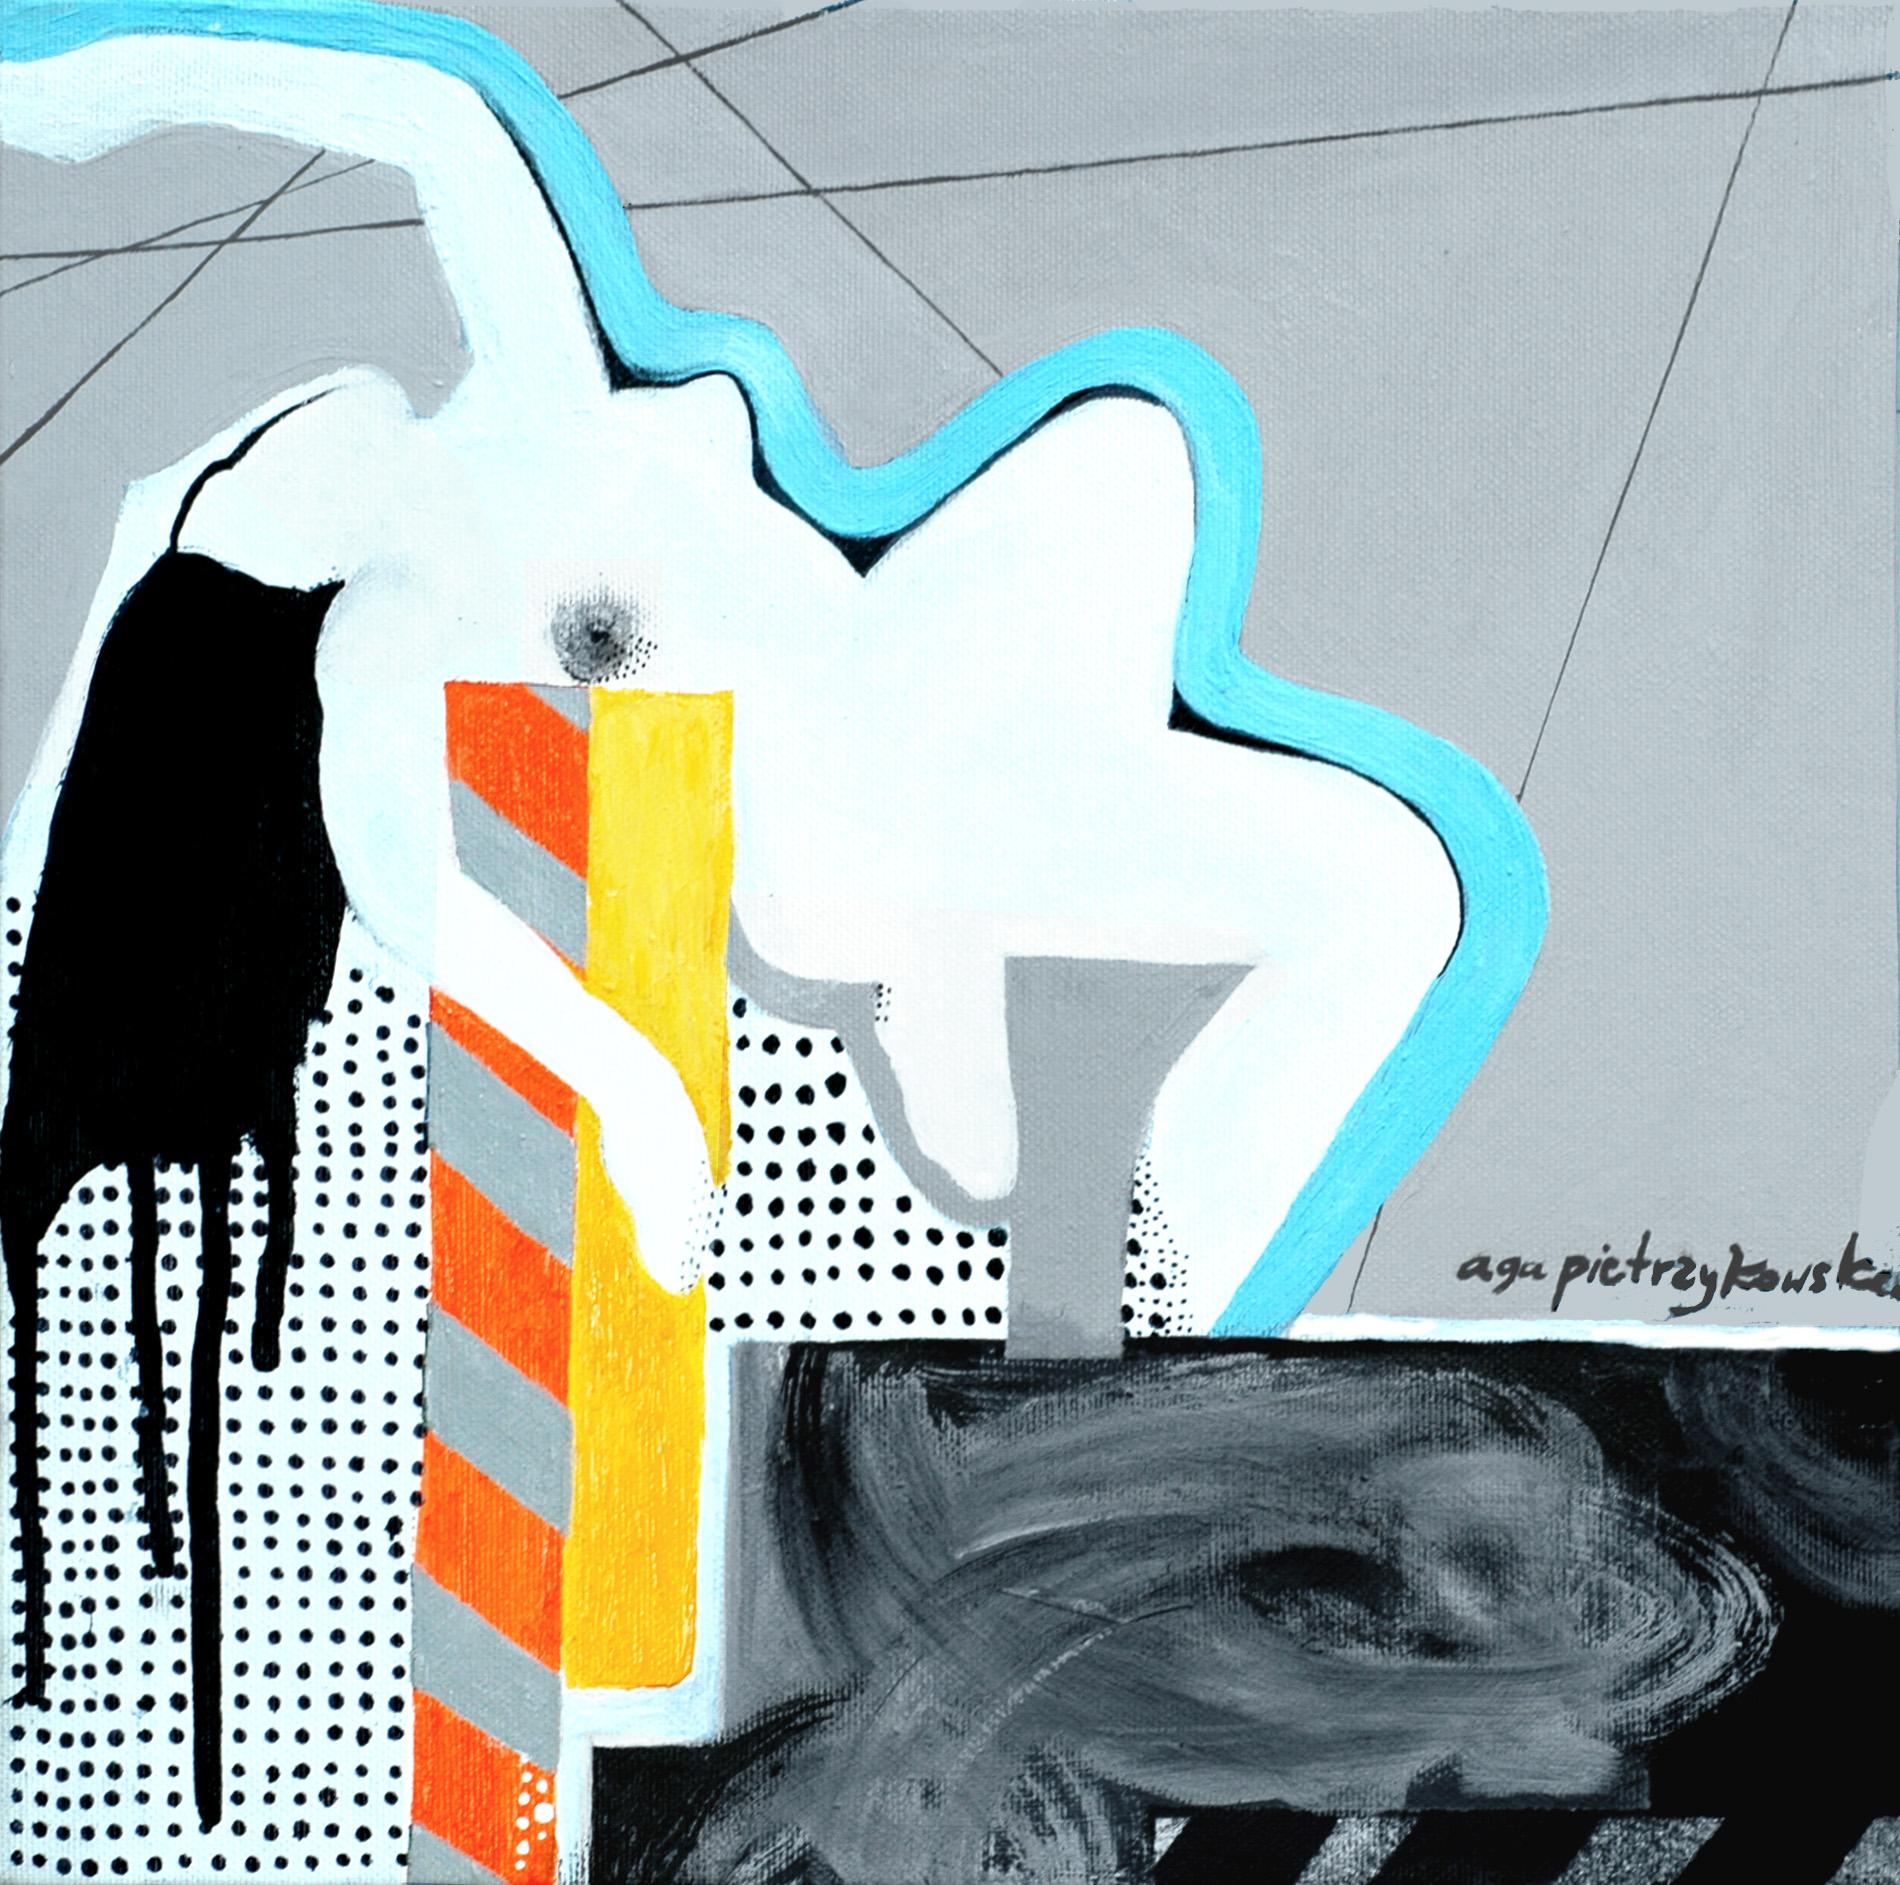 """Agnieszka Pietrzykowska, """"New York jest kobietą"""", 2014, akryl, płótno, 30x30 cm (źródło: materiały prasowe)"""